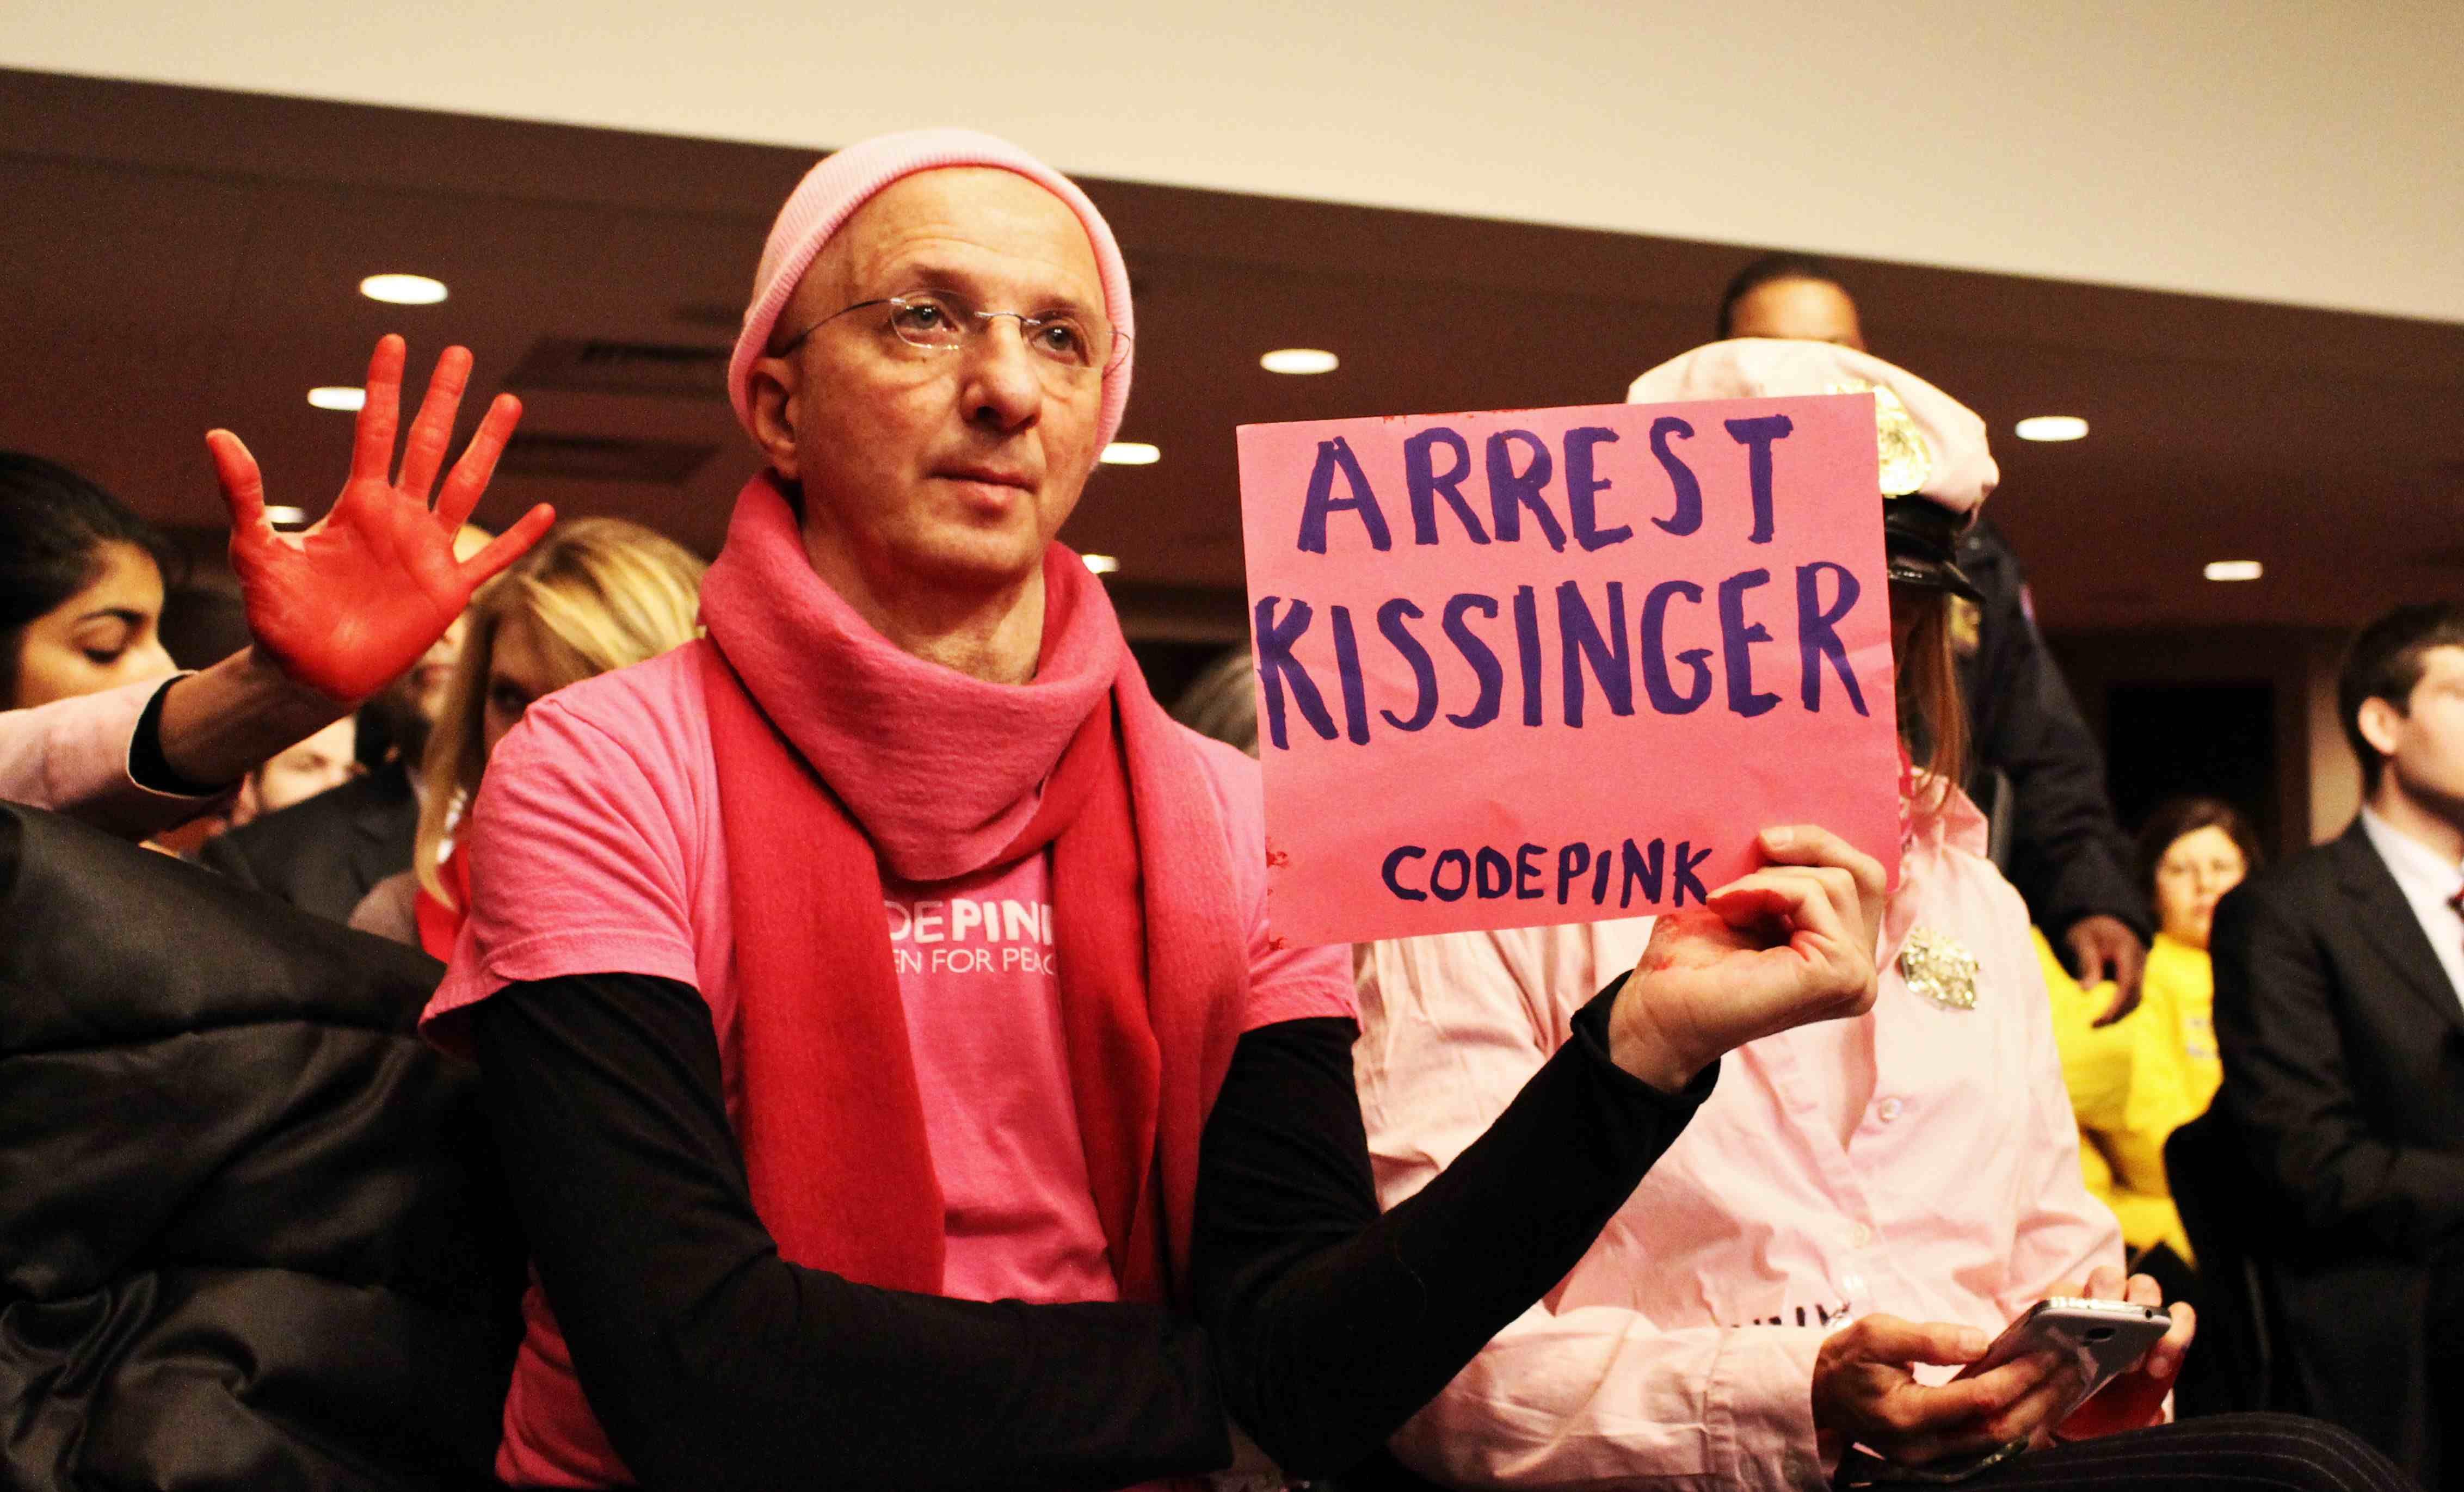 arrest kissinger for war crimes